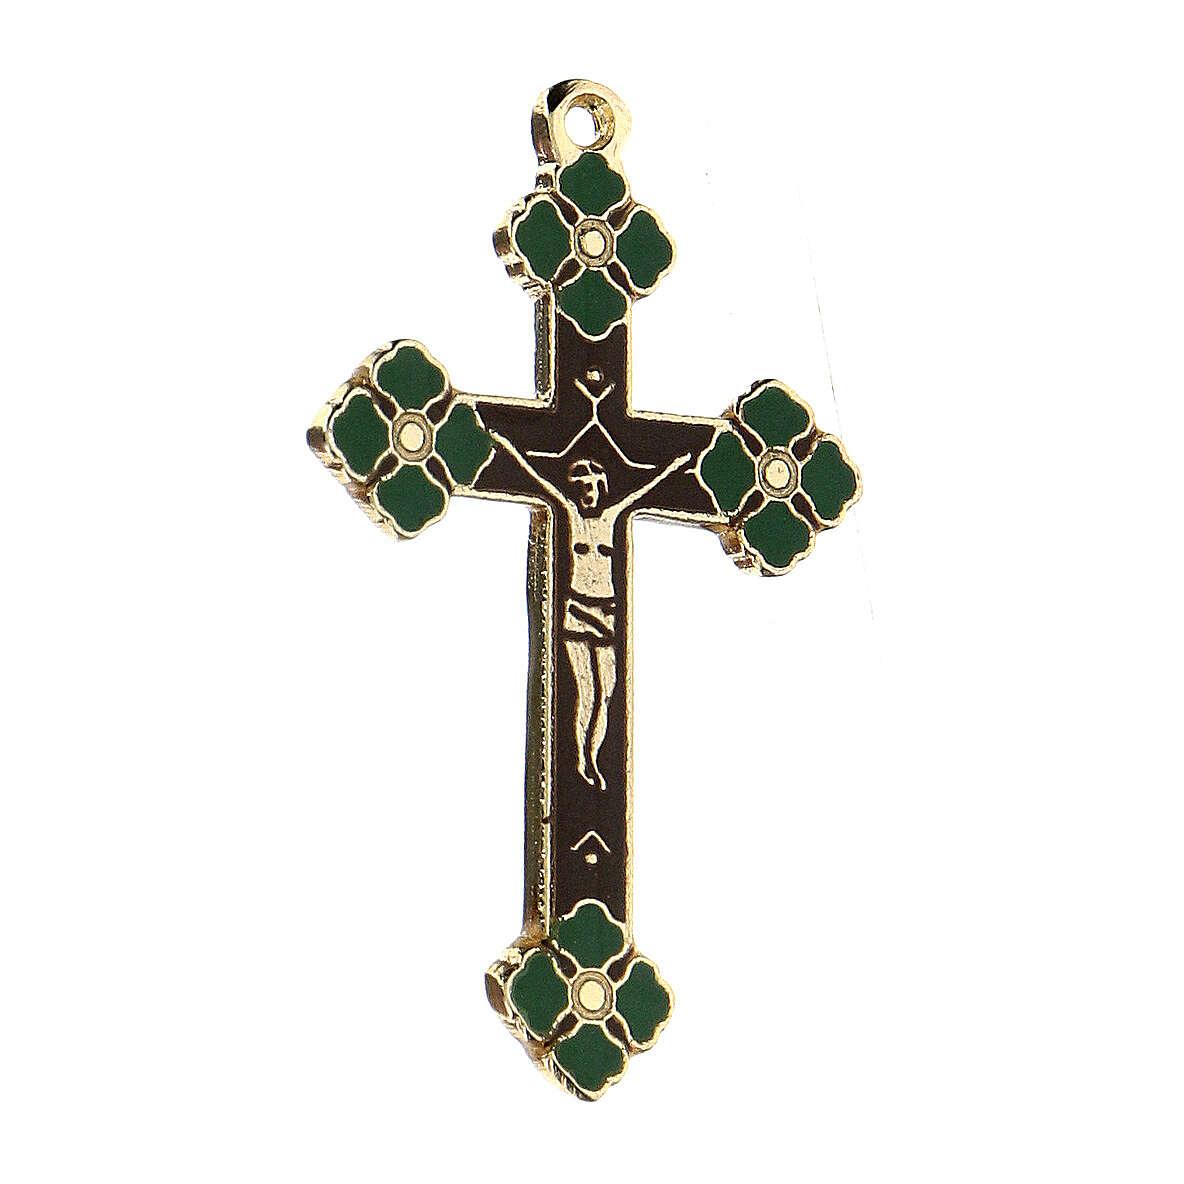 Pingente crucifixo zamak decorações esmaltes coloridos aplicados à mão 4